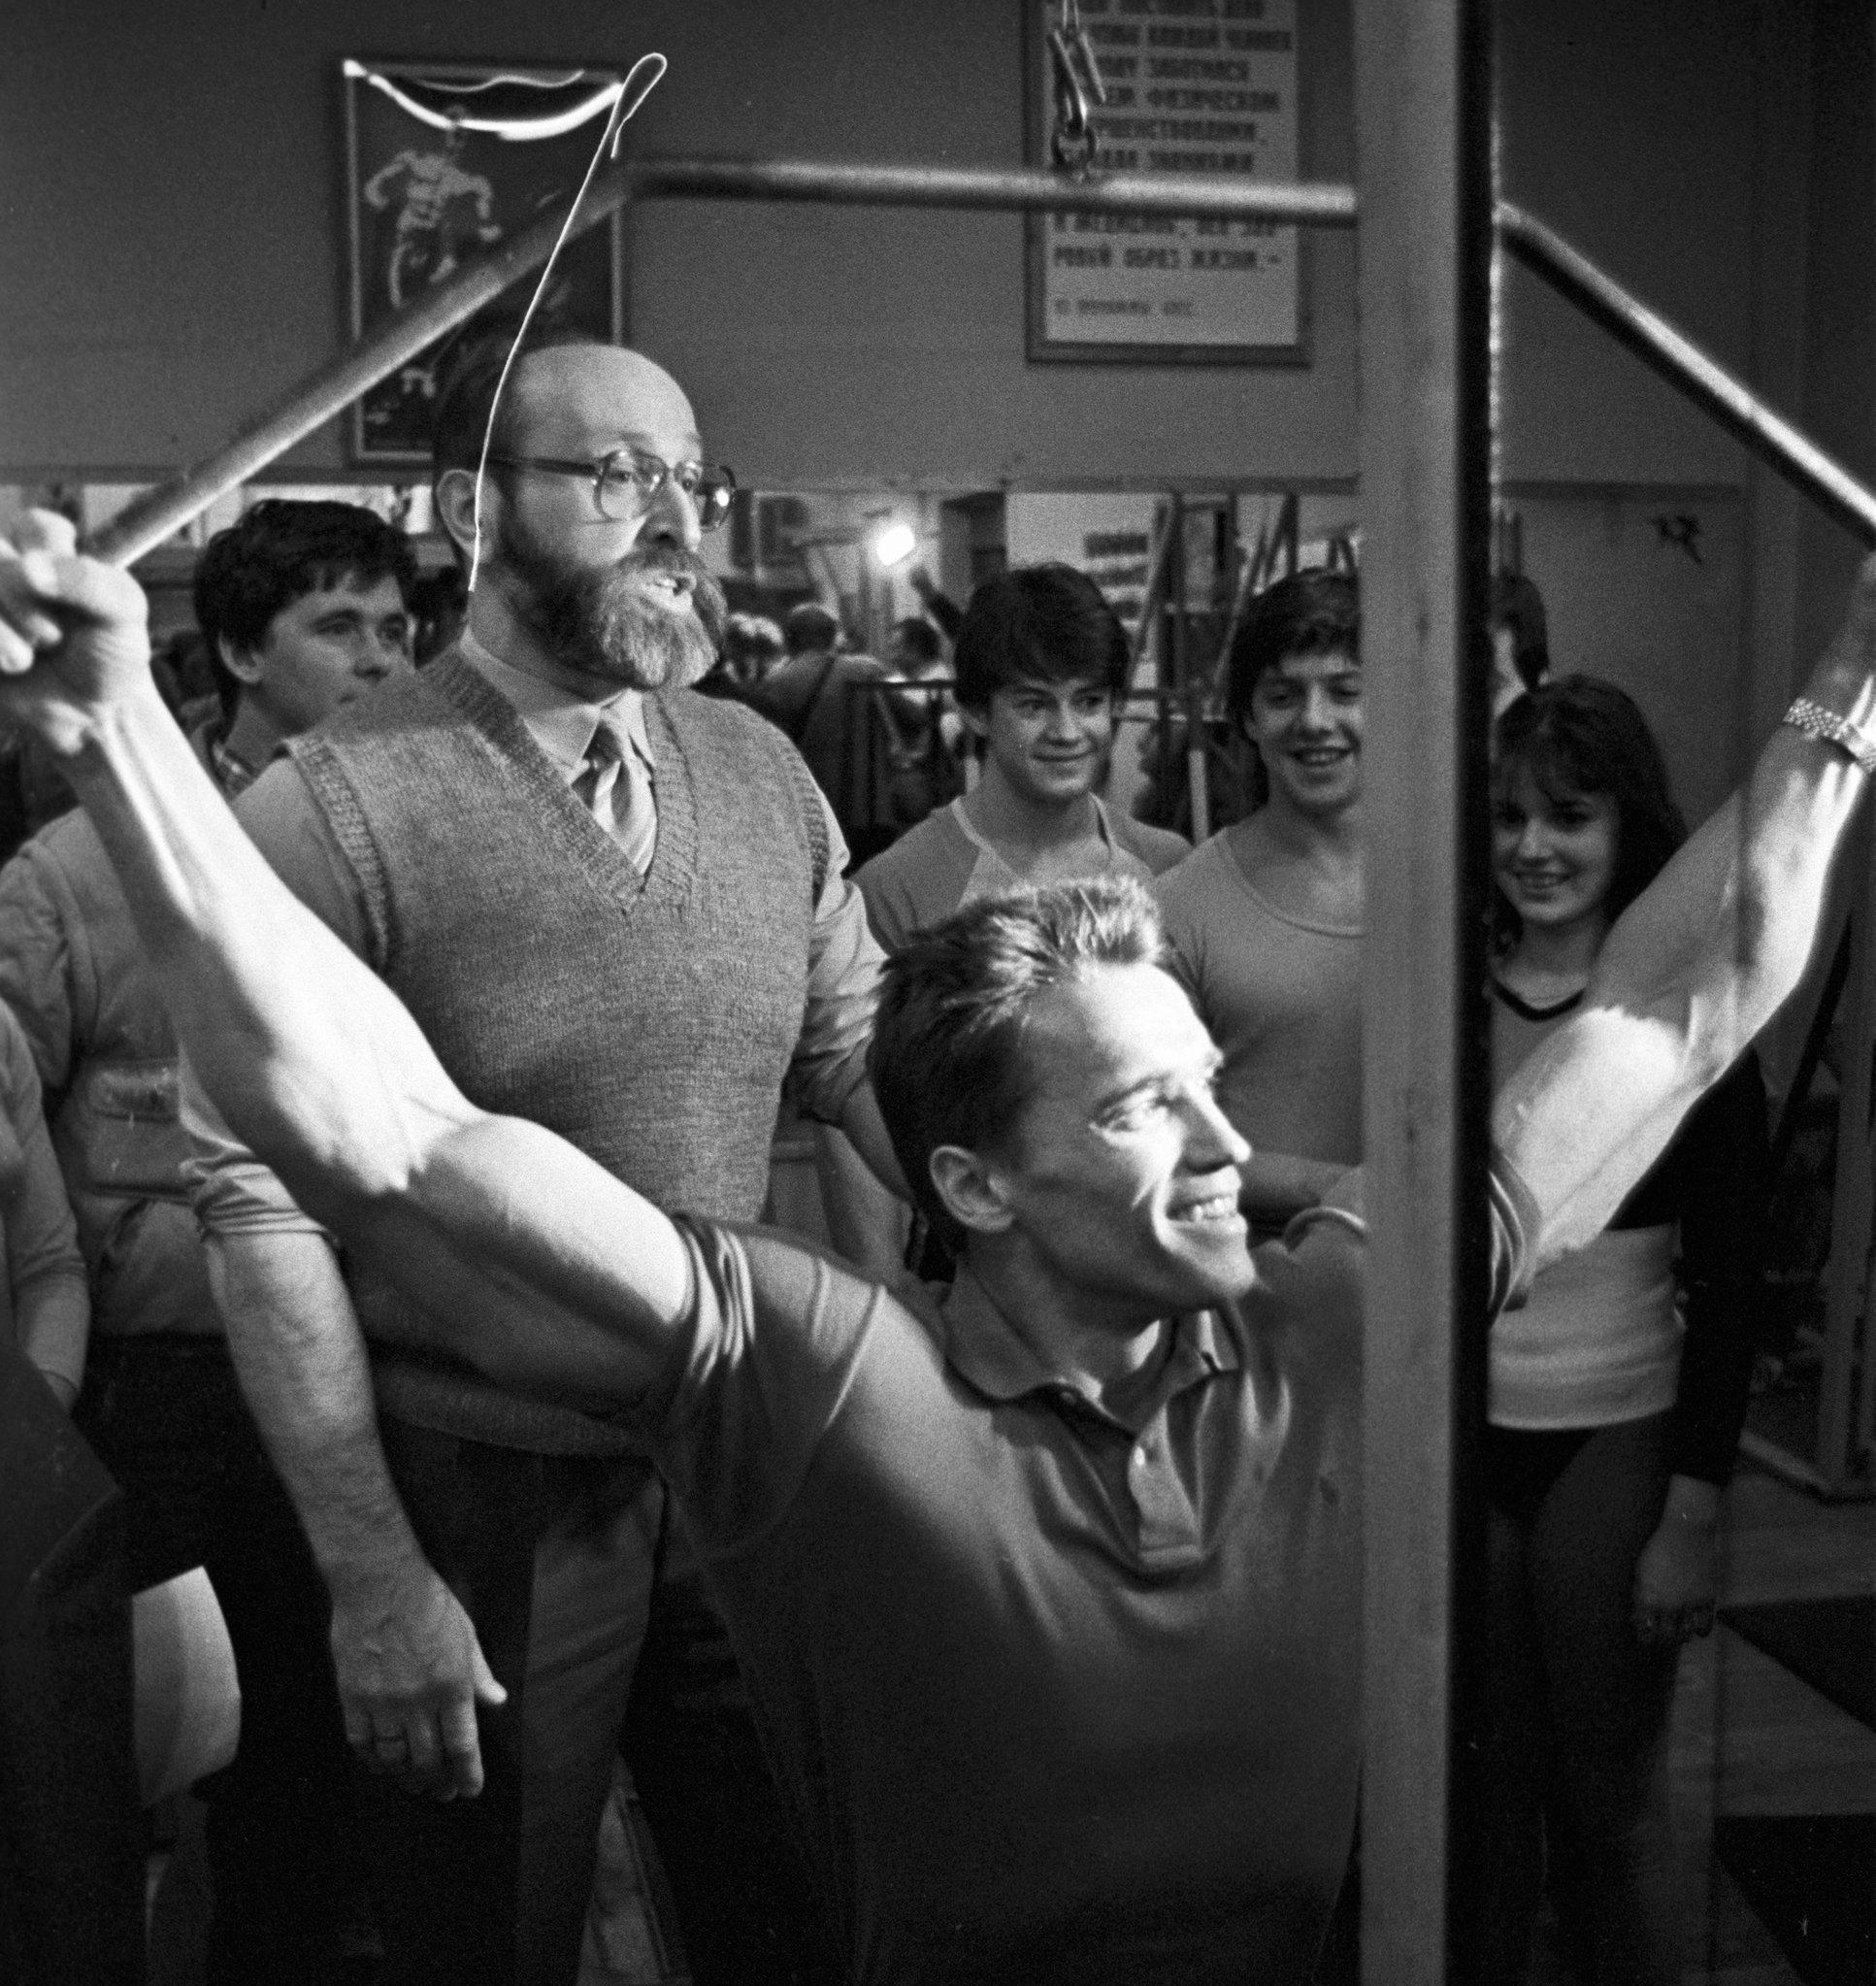 Американский актер и культурист Арнольд Шварценеггер во время съемок американского видеофильма Красная жара встретился со своим кумиром Юрием Власовым, выдающимся советским тяжелоатлетом, экс-чемпионом Европы и мира, чемпионом Олимпийских игр, председателем Федерации тяжелой атлетики ССР